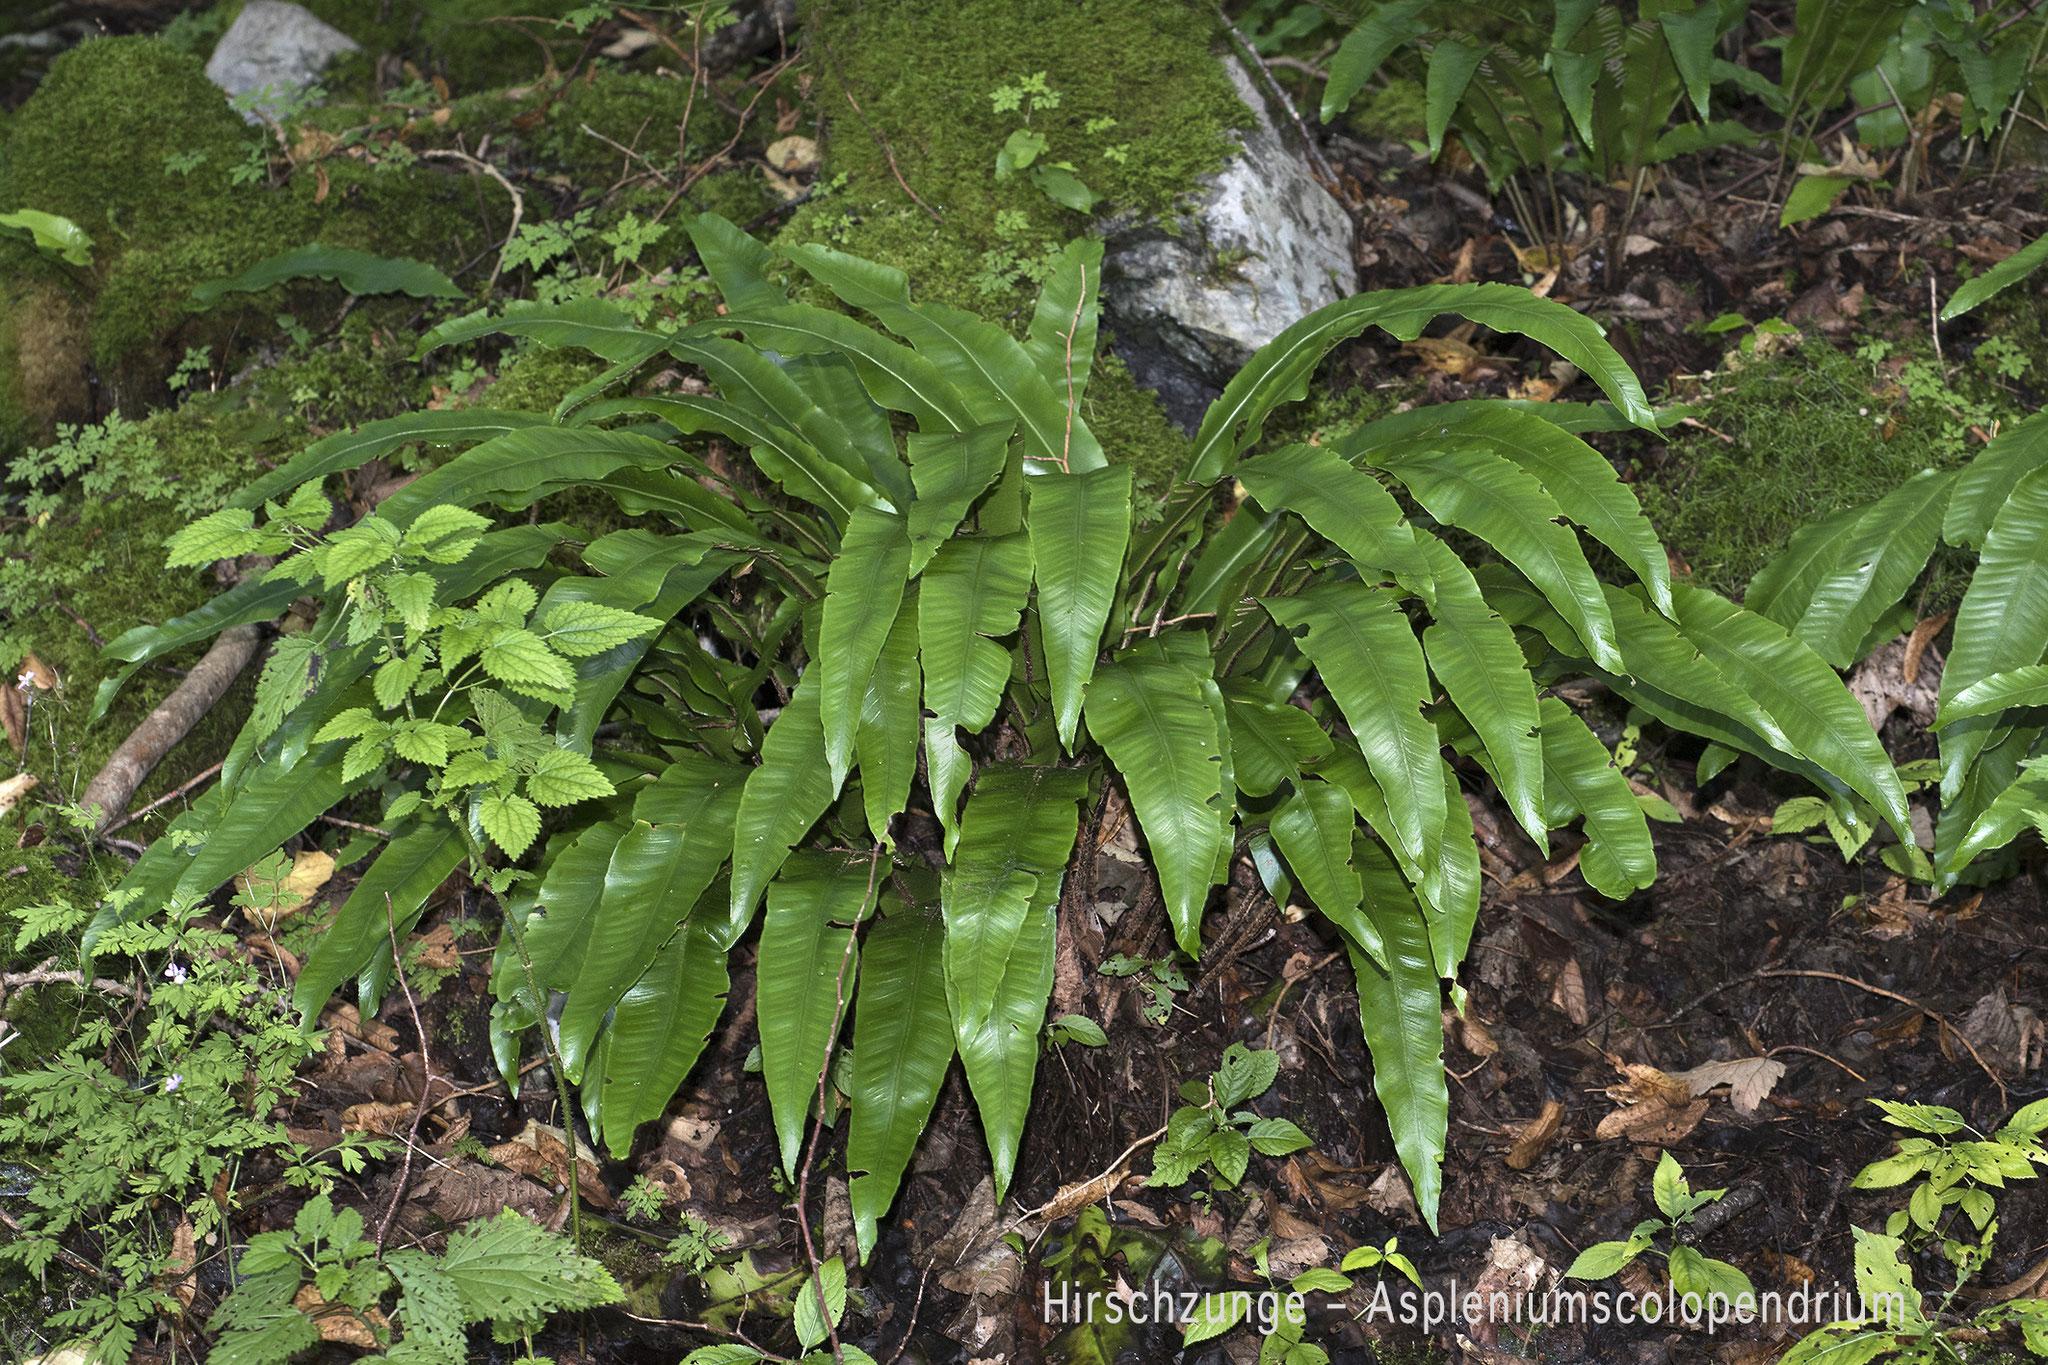 Hirschzunge  •  Asplenium scolopendrium.